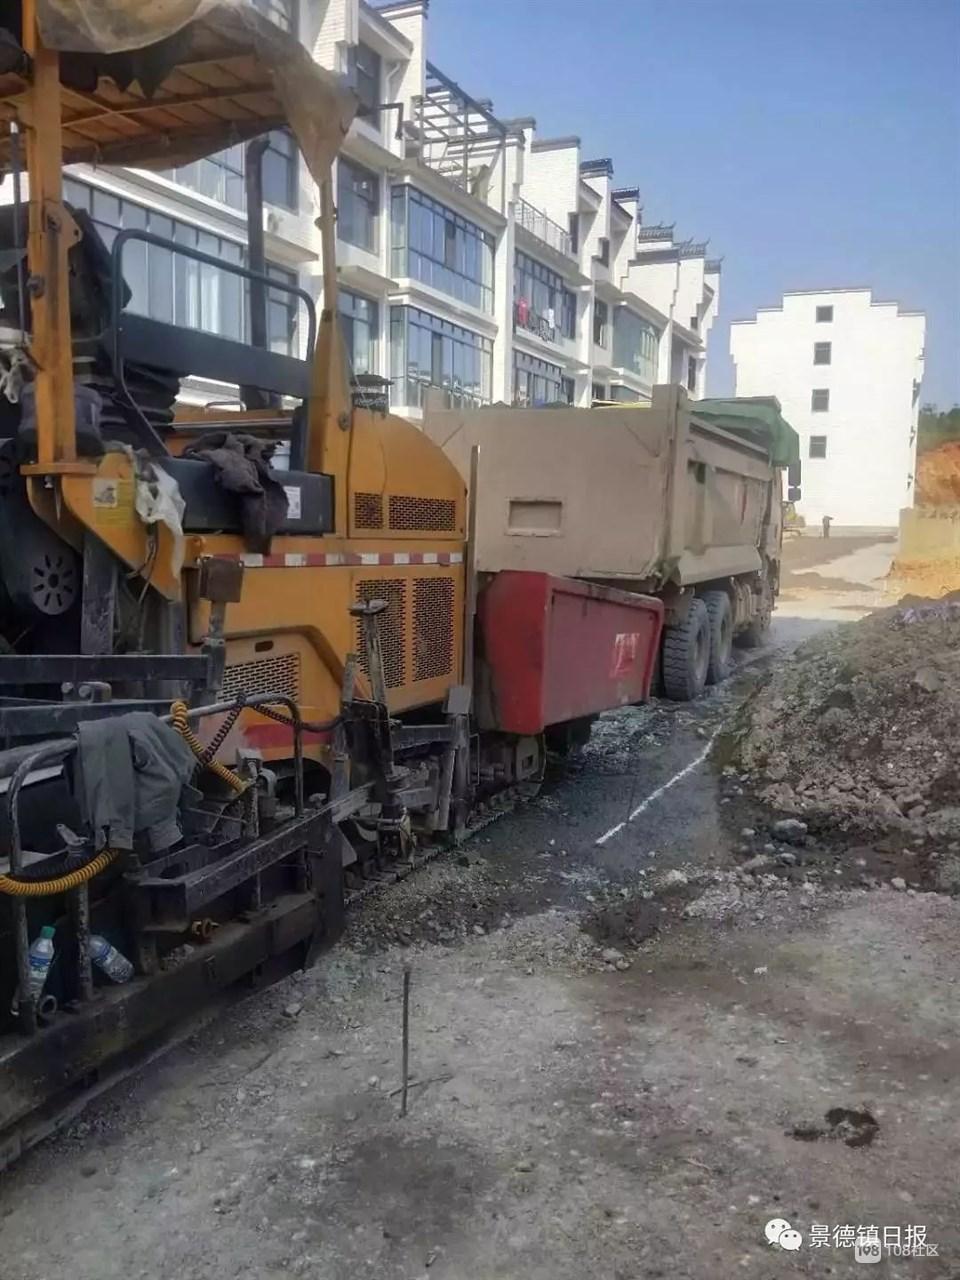 心疼!黄泥头到东一路几十辆大货车开过 还有这些道路在施工